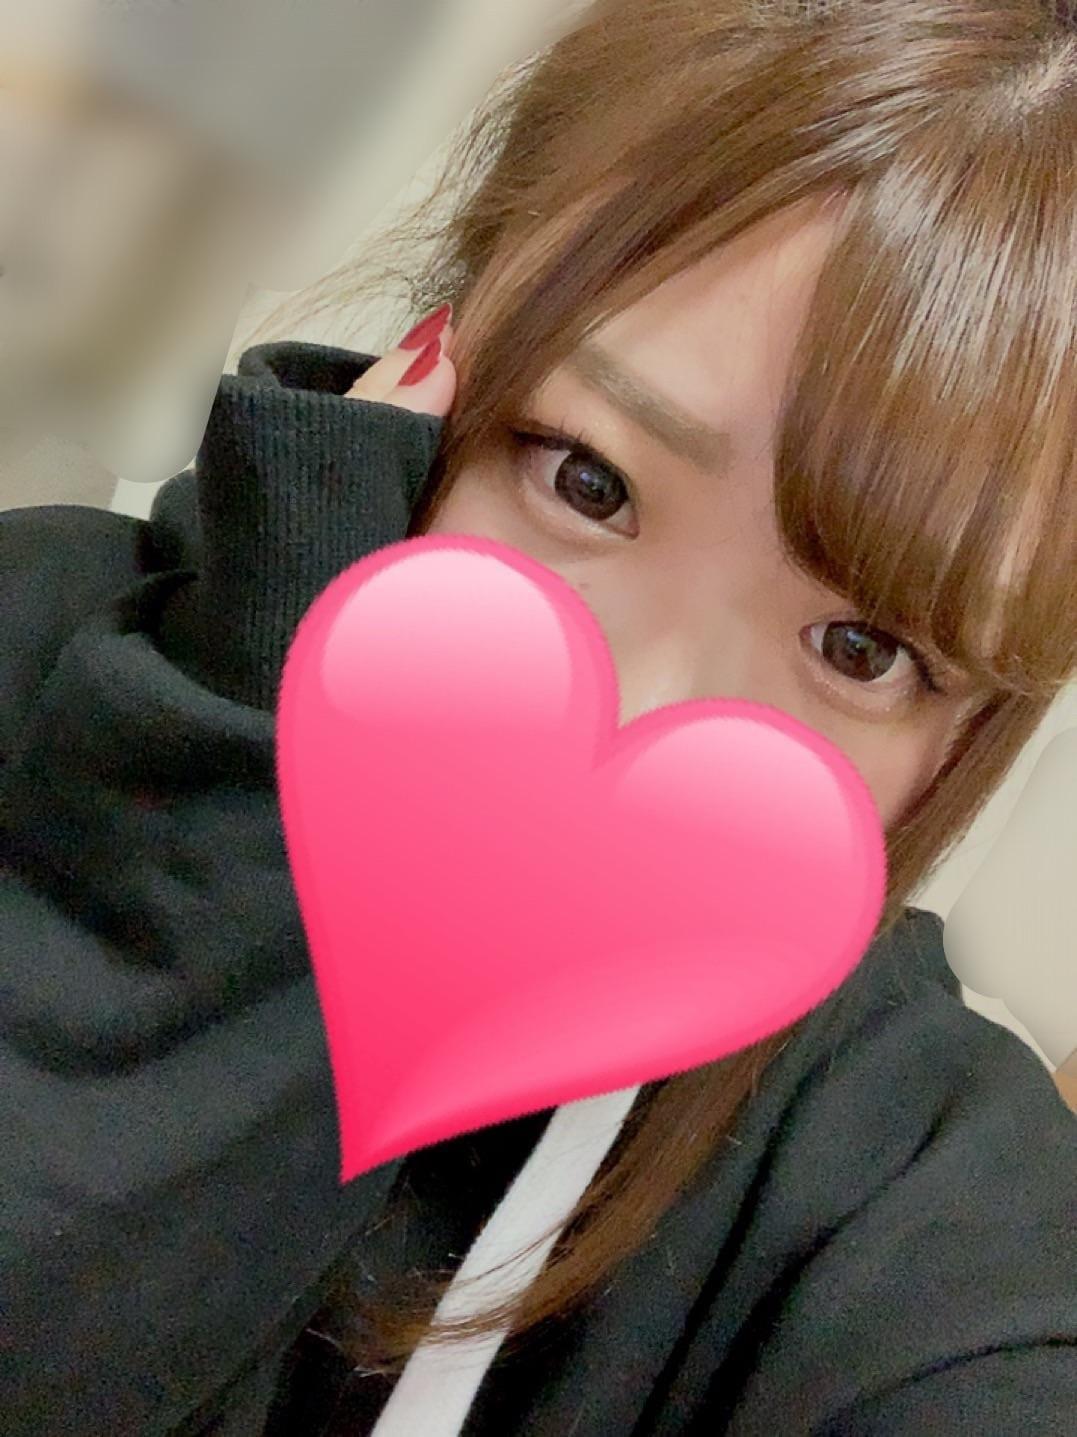 「こんばんは⸜(*ˊᗜˋ*)⸝」10/13(10/13) 21:25 | はるかの写メ・風俗動画